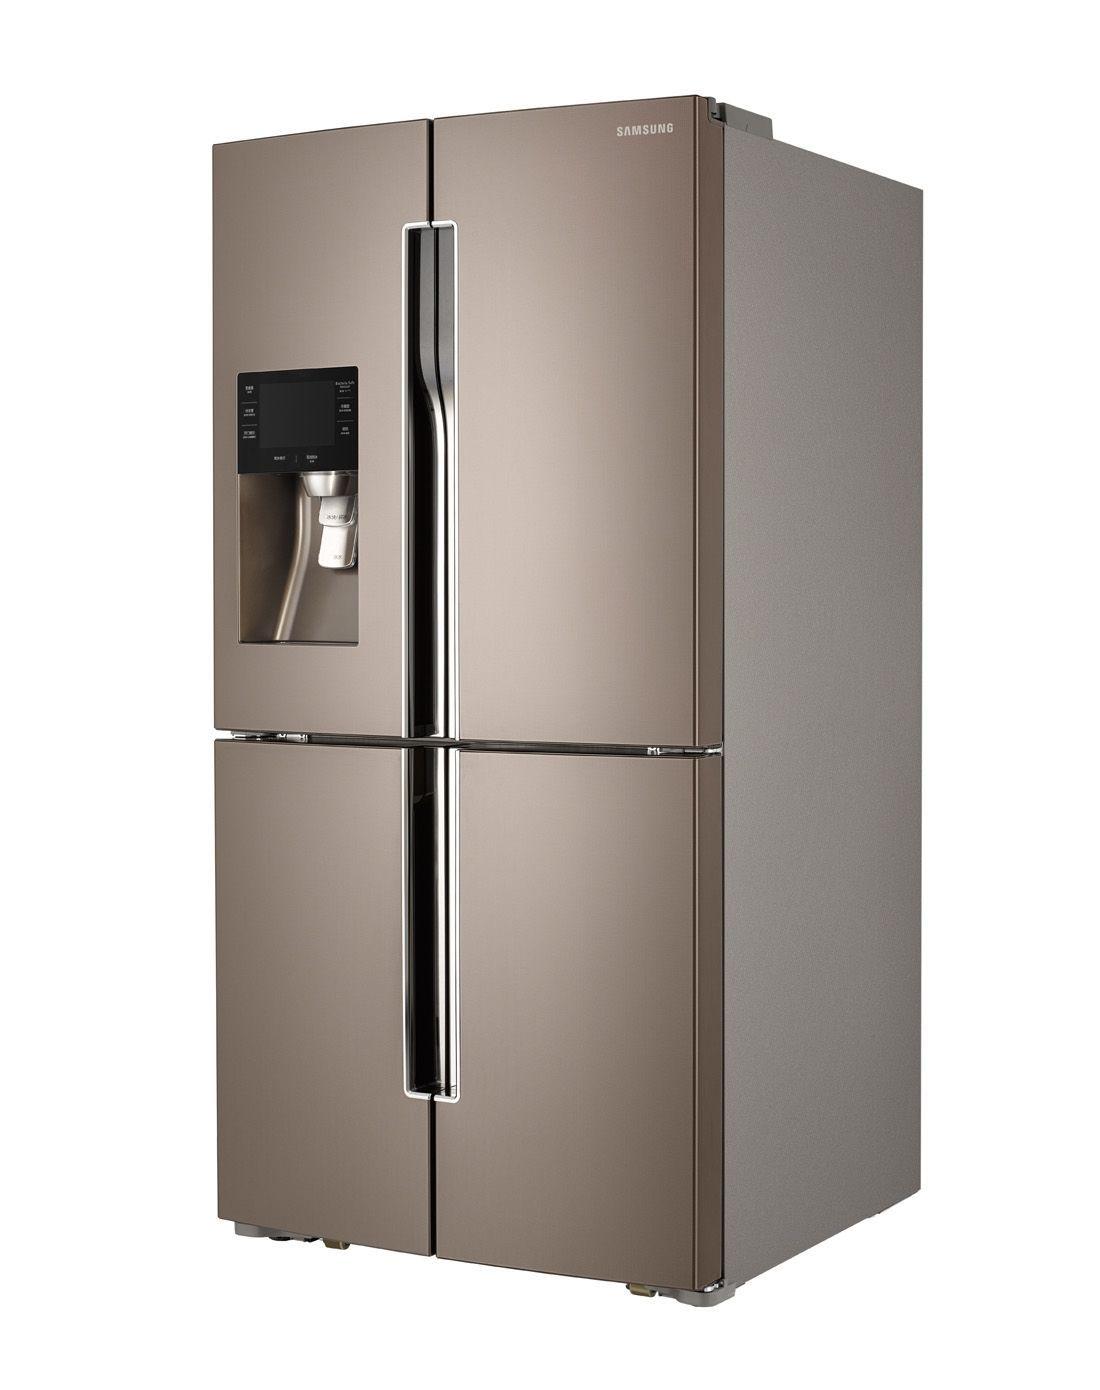 冰箱进口需要的资料有哪些